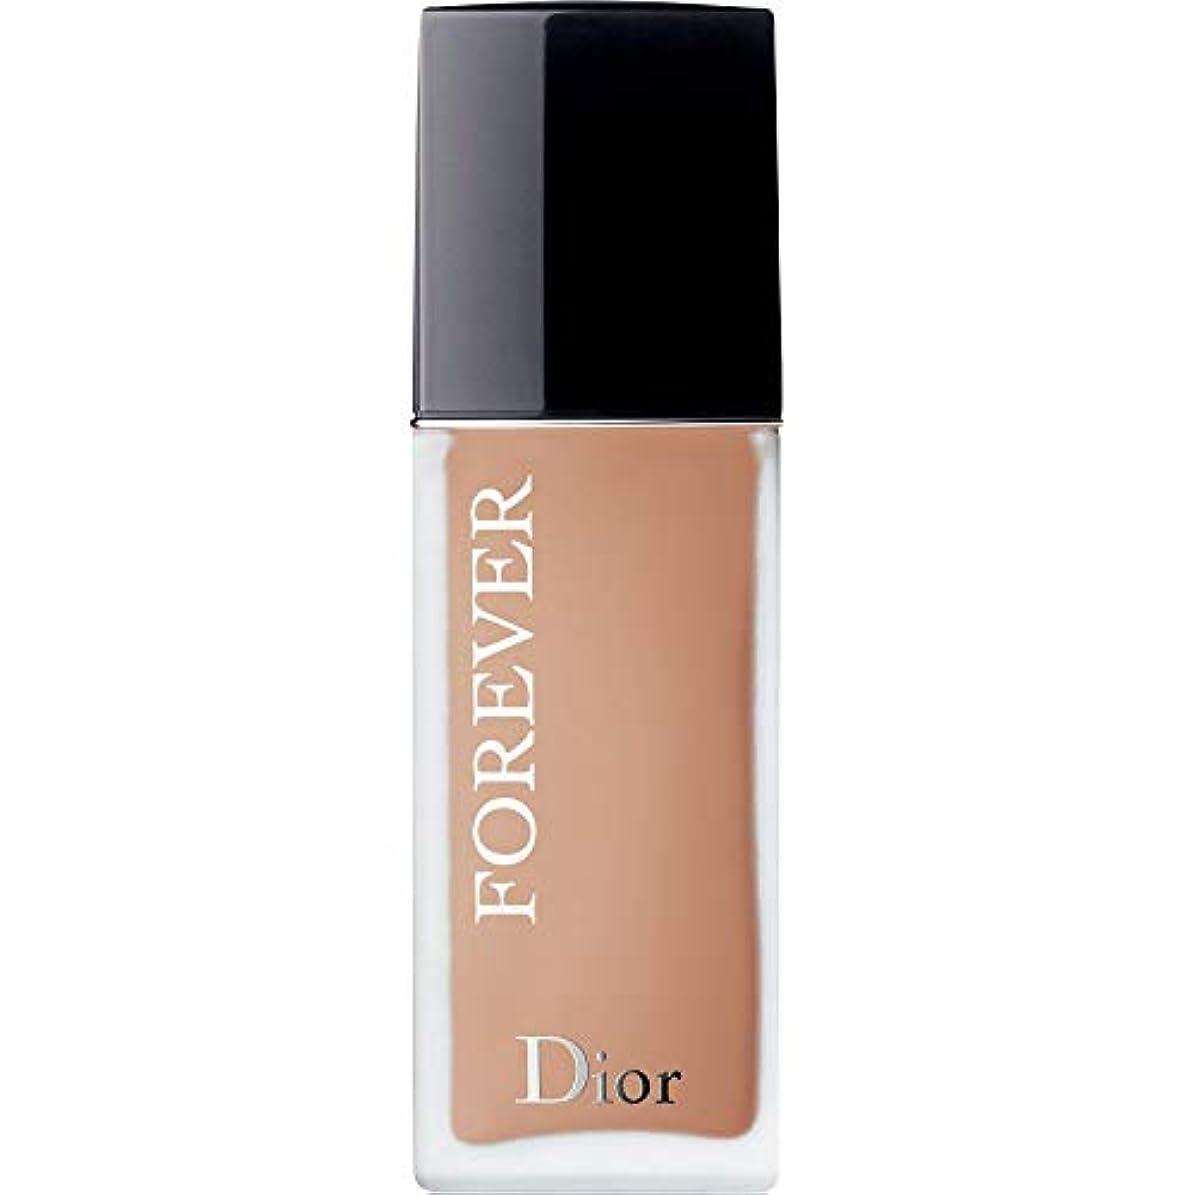 出しますシチリア不良[Dior ] ディオール永遠皮膚思いやりの基礎Spf35 30ミリリットル4Cを - クール(つや消し) - DIOR Forever Skin-Caring Foundation SPF35 30ml 4C - Cool...